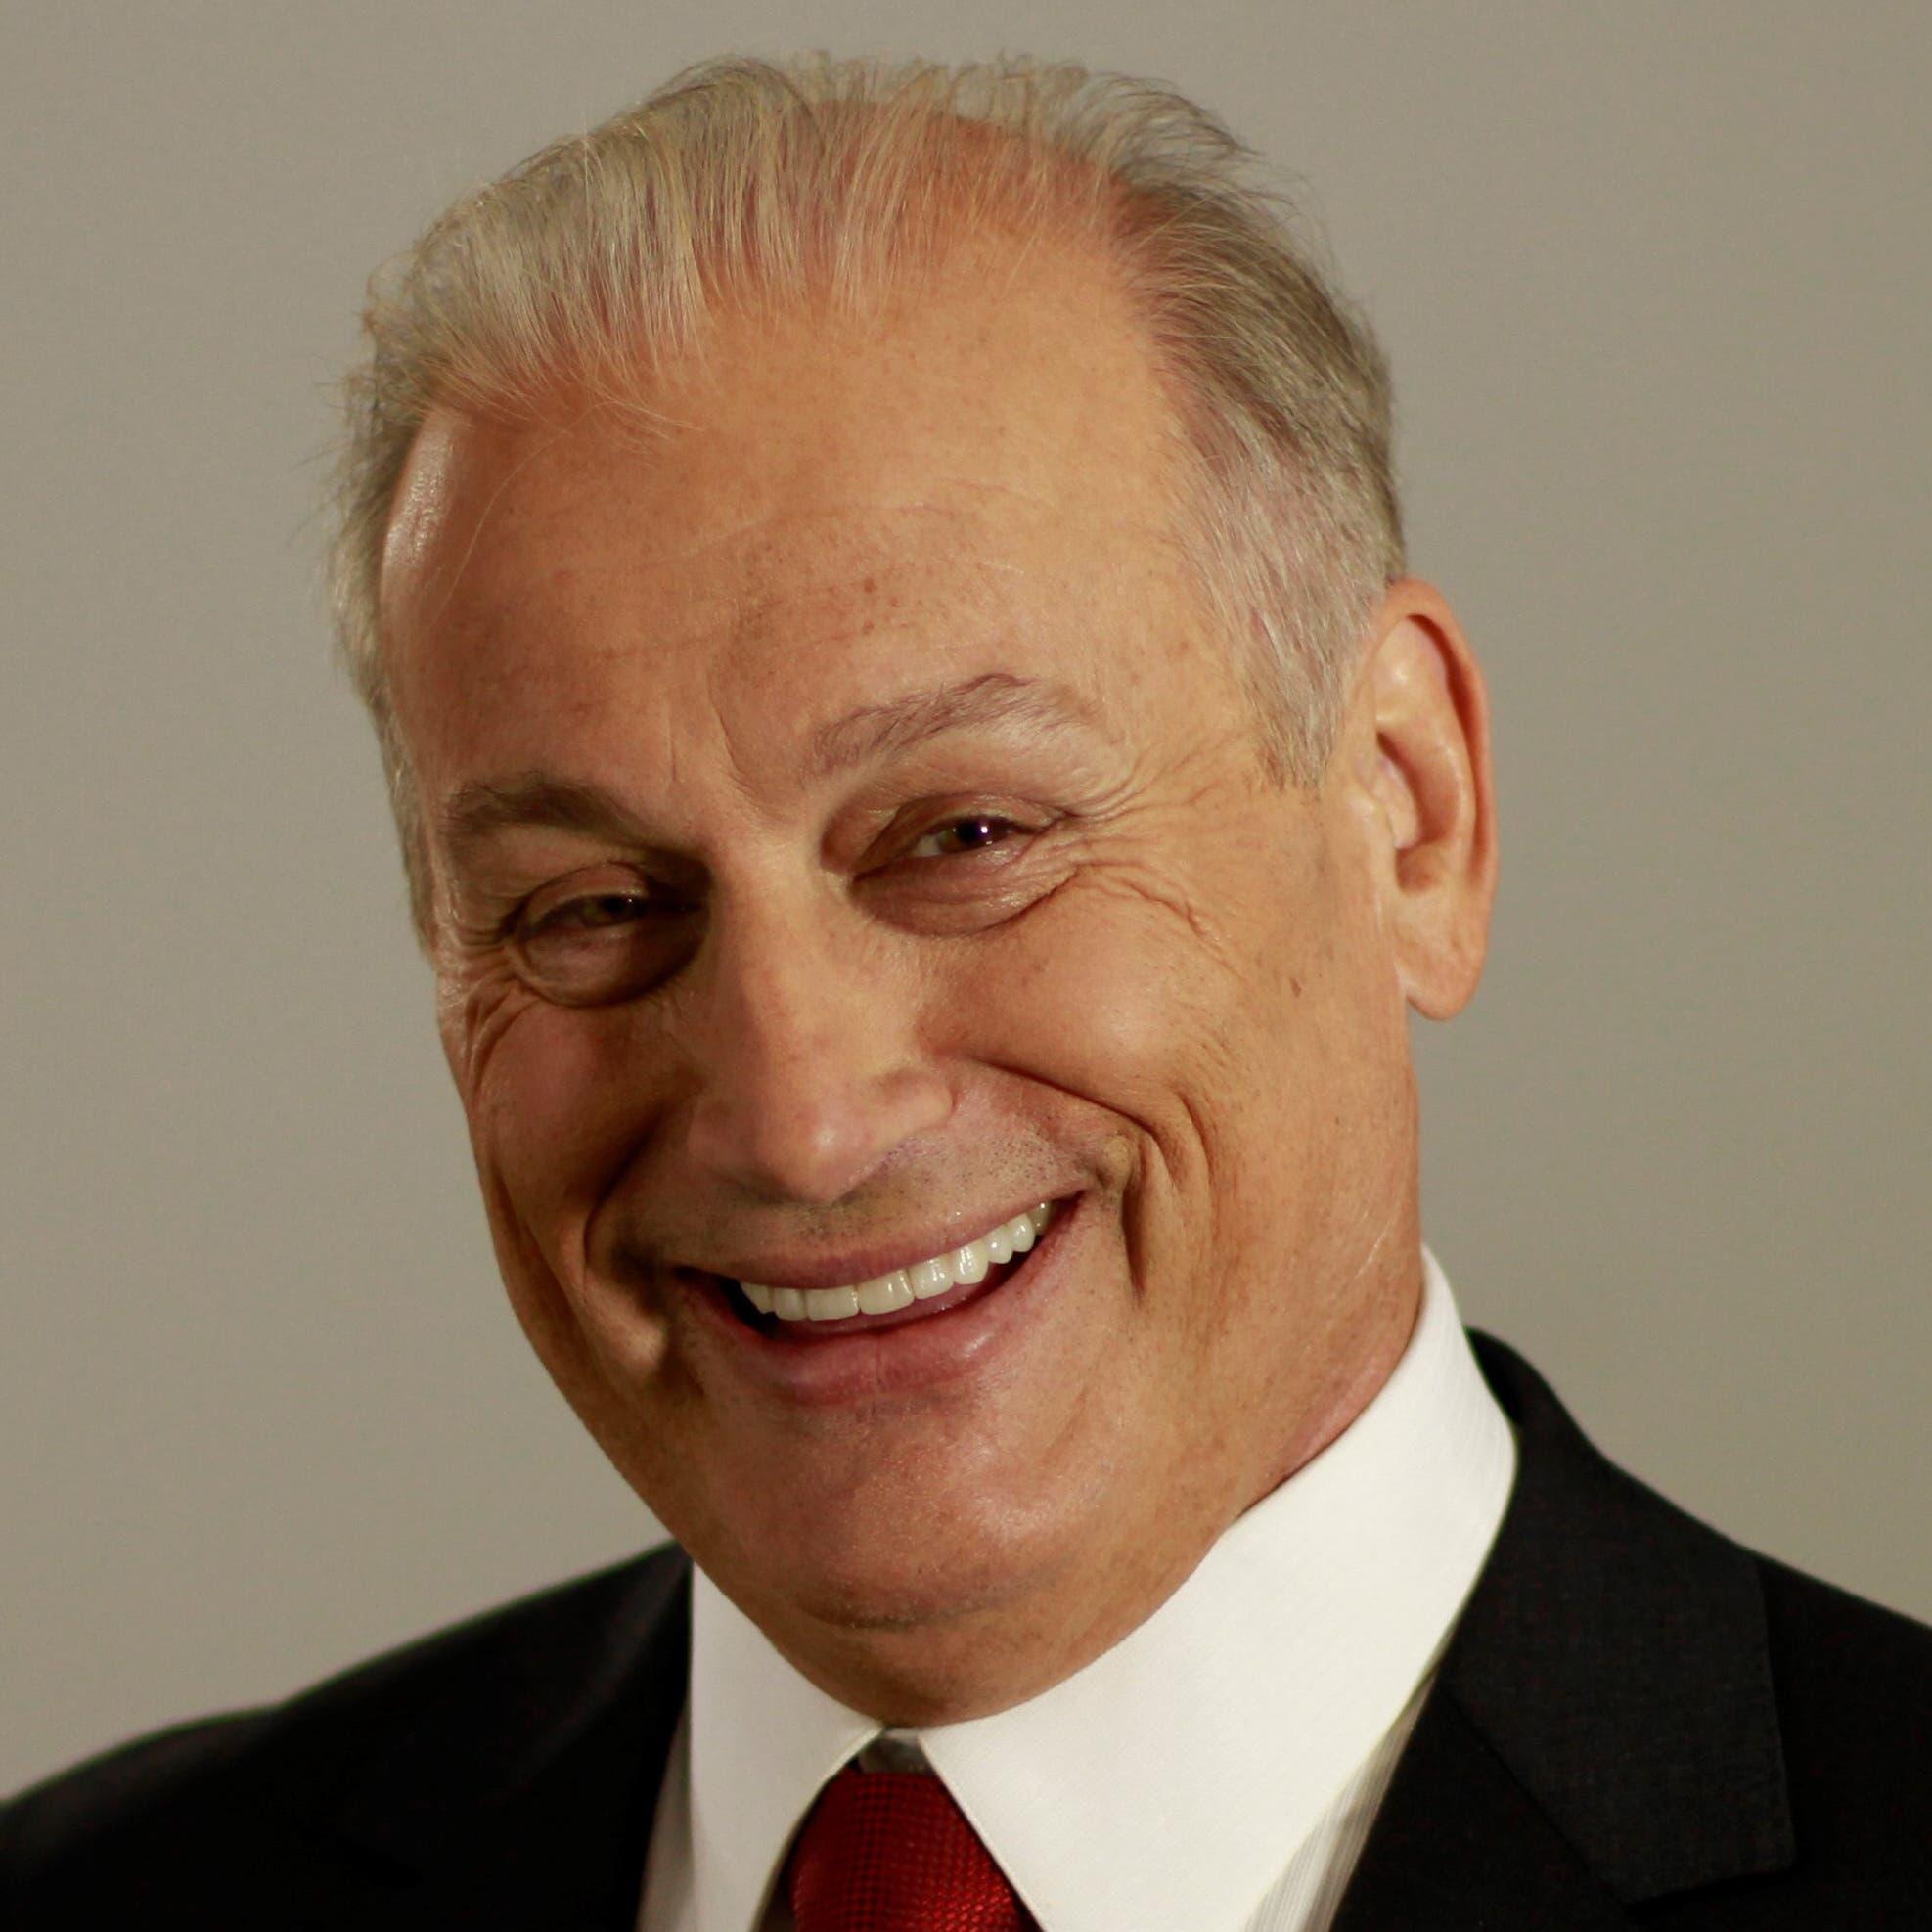 Roque de la Fuente: Sein Name steht in 15 Bundesstaaten auf den Wahlzetteln. Der Kandidat der «Allianz Partei» (65) ist ein Dauerwahlkämpfer. Unter anderem bewarb er sich schon als Bürgermeister von New York und als Senator in neun verschiedenen Bundesstaaten. De la Fuente will das Migrationssystem reformieren und viel Geld in erneuerbare Energien stecken.